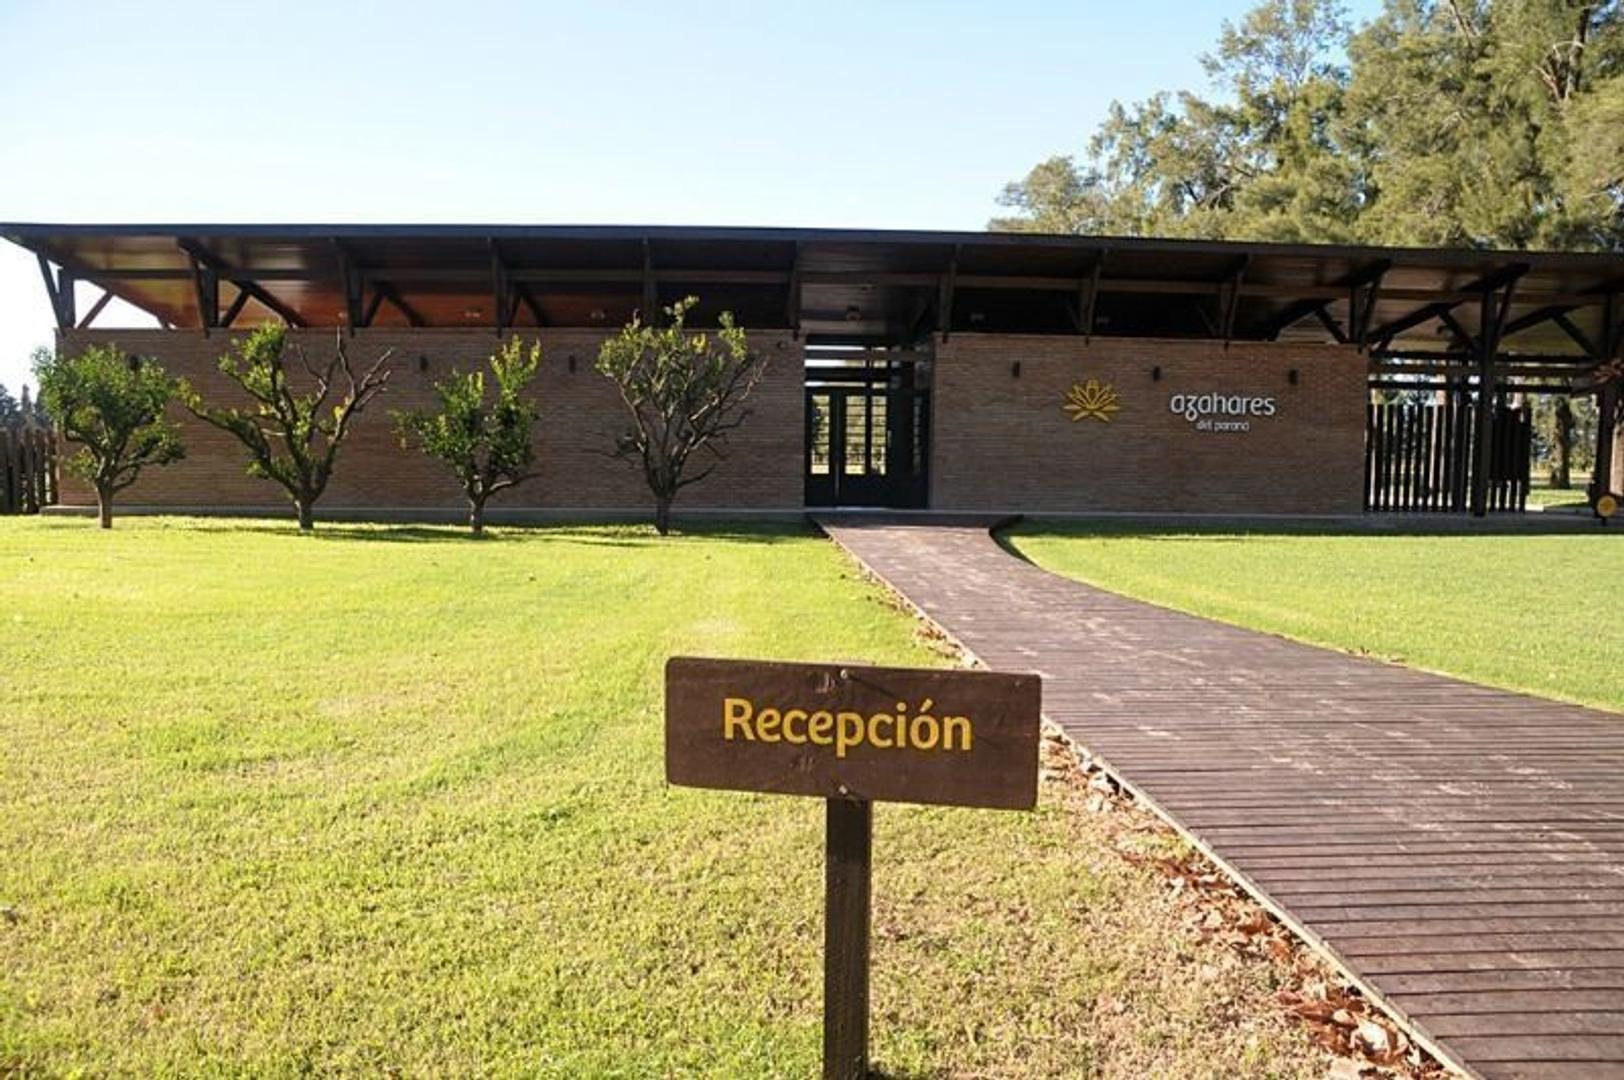 Barrio a la venta Fighiera. Azahares del Paraná. Entrega Inmediata.